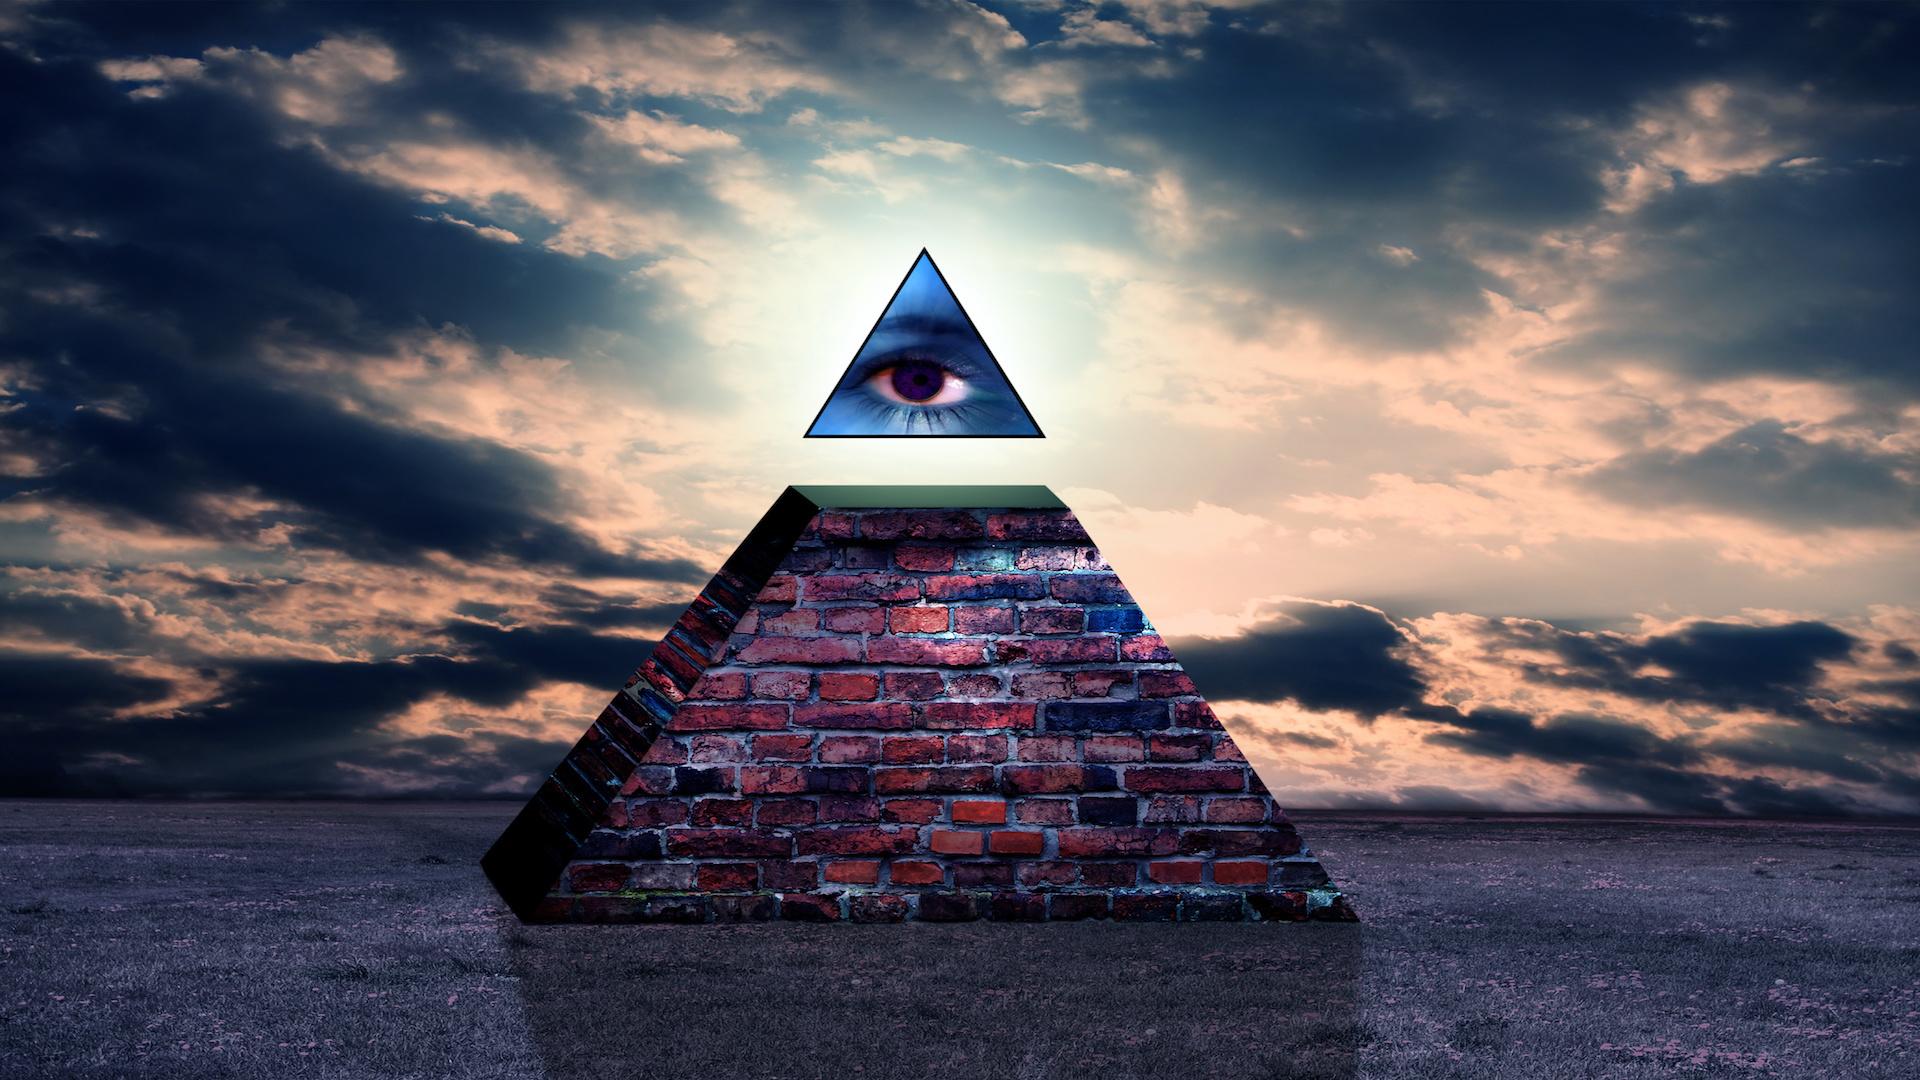 лейла охладела смотреть фото пирамиды масона визуально скрадывать